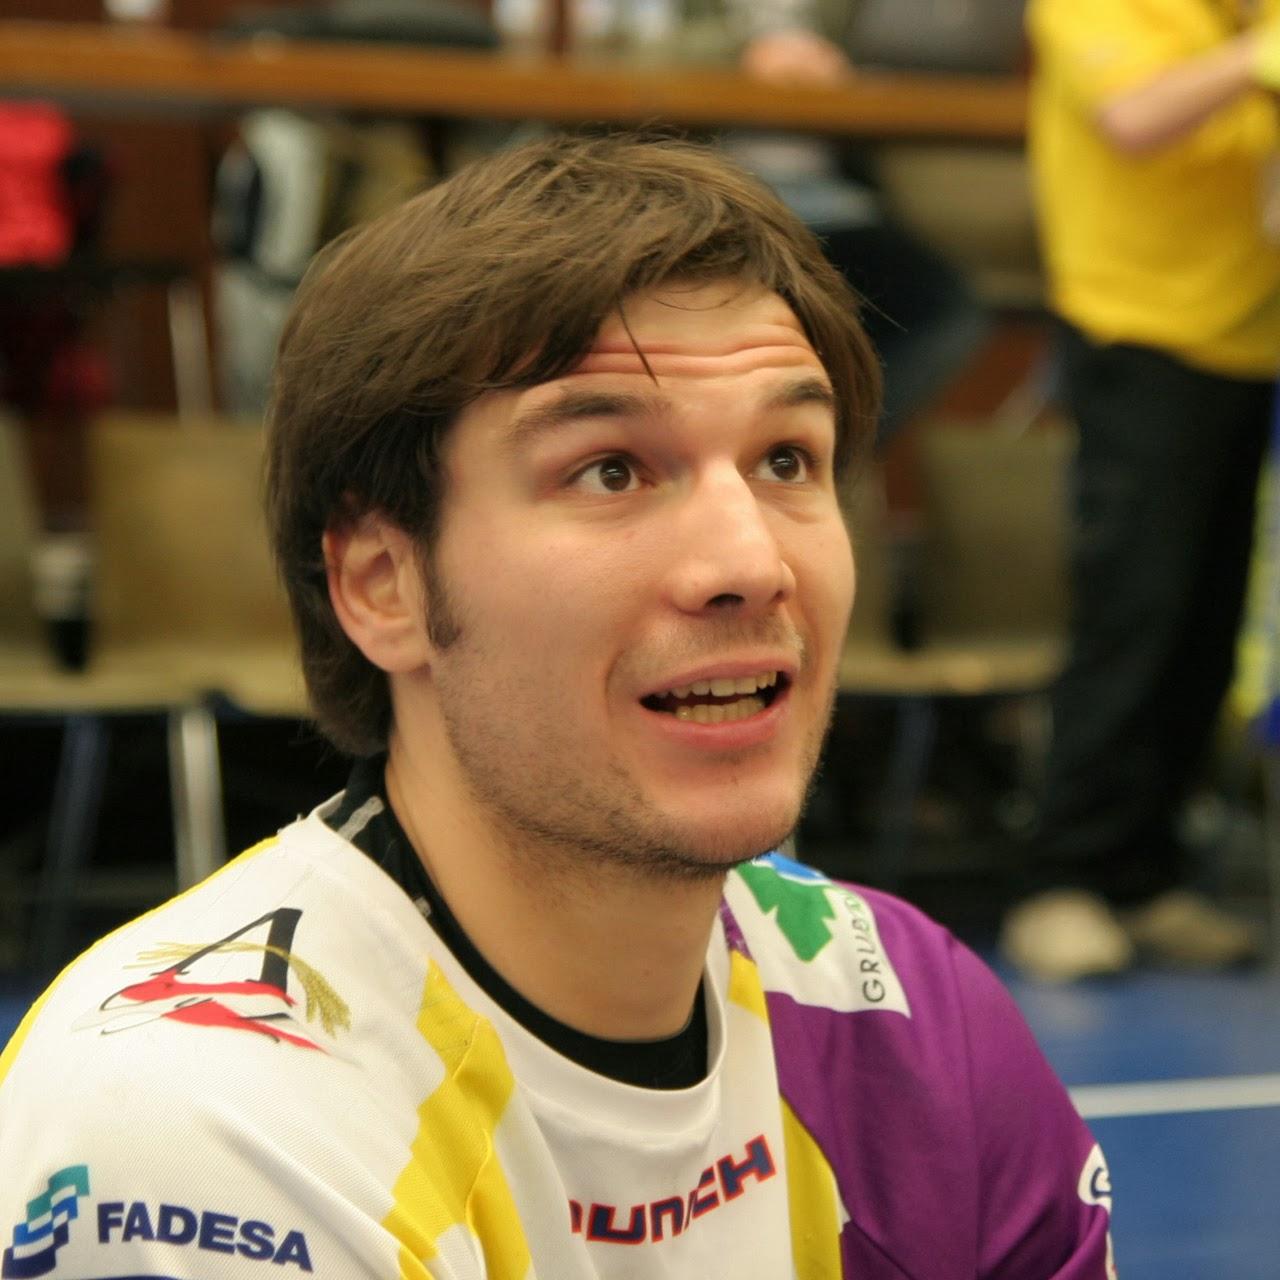 Carlos Prieto Martos